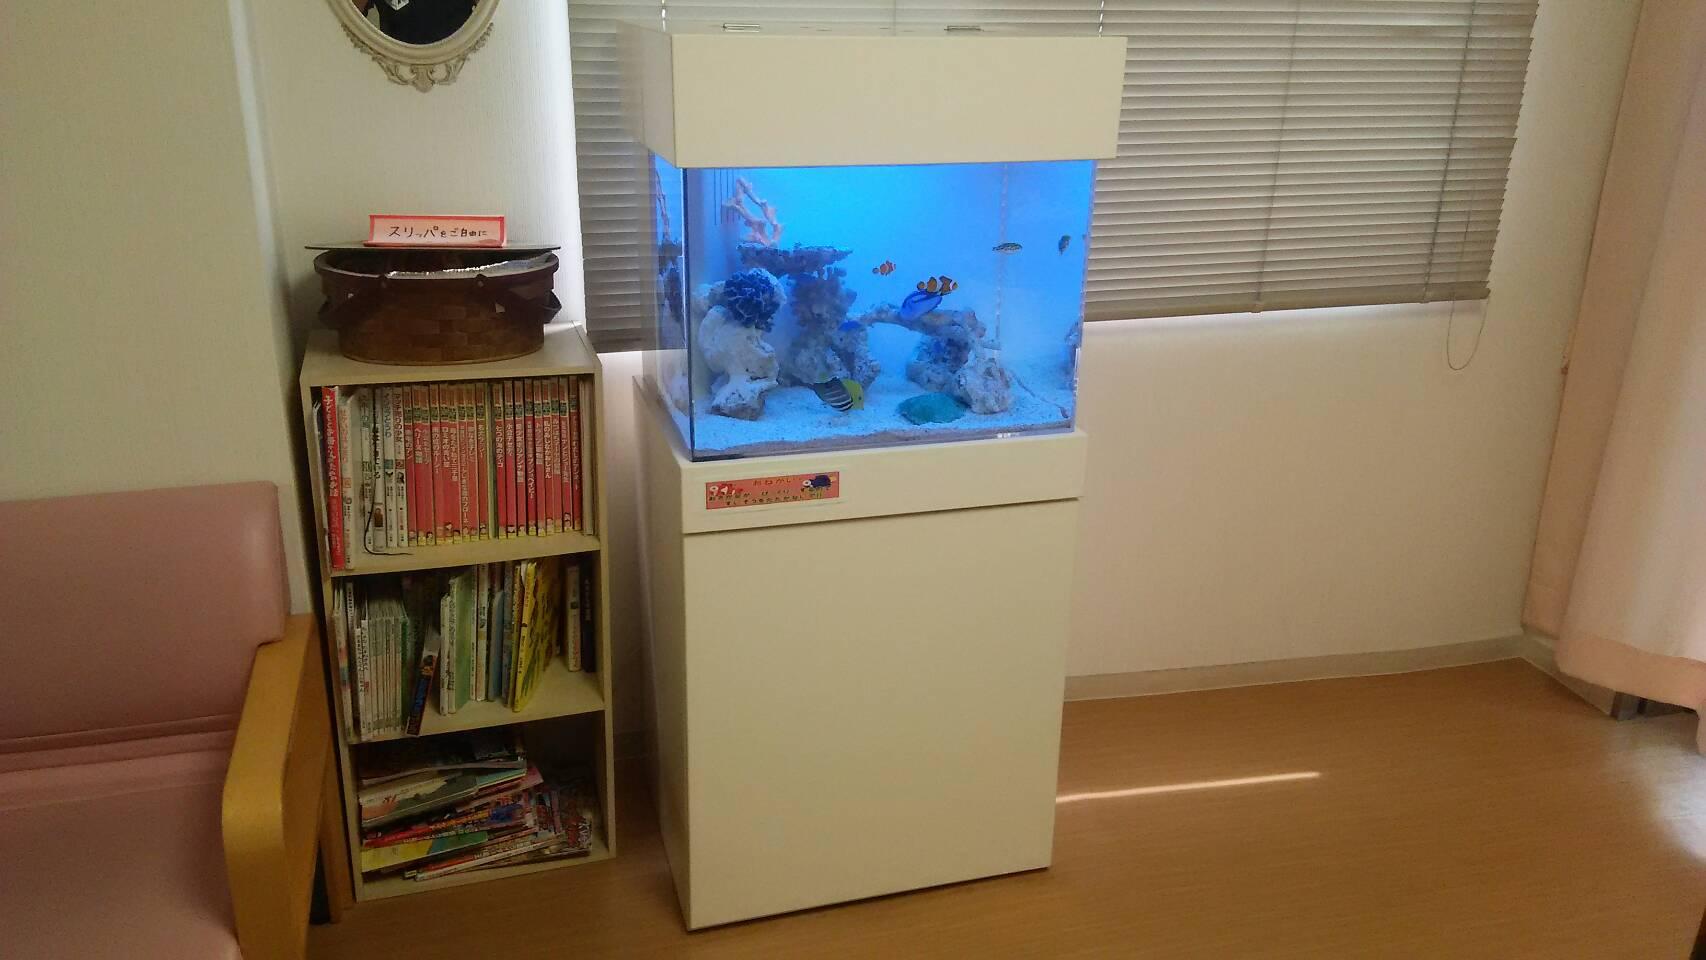 愛知県犬山市・小児科様 /> <p>今回の水槽買い換えが3台目になります。<br /> 今までは水槽のバックスクリーンが青でしたが、今回はイメージを変えて白色に!<br /> これによって青色の魚が映えるようになりました。<br /> 院内の壁紙も同じ白色なので、調和がとれて水槽内が広く見えると思います。</p> <img src=